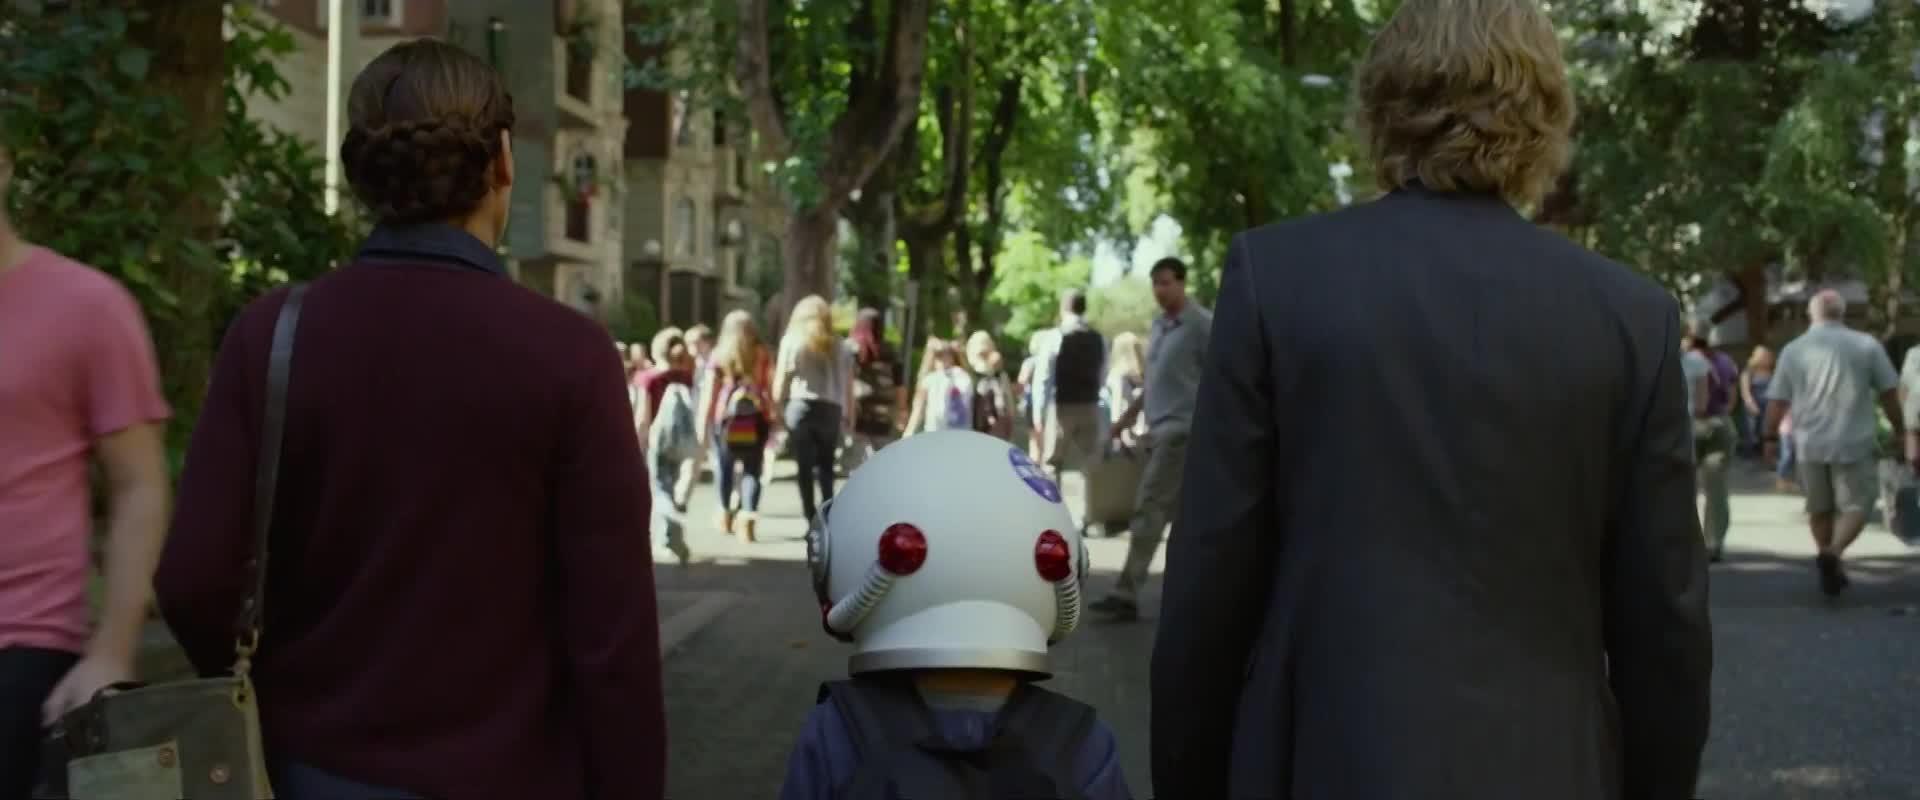 Сериал Карточный домик все серии 14 сезон смотреть онлайн